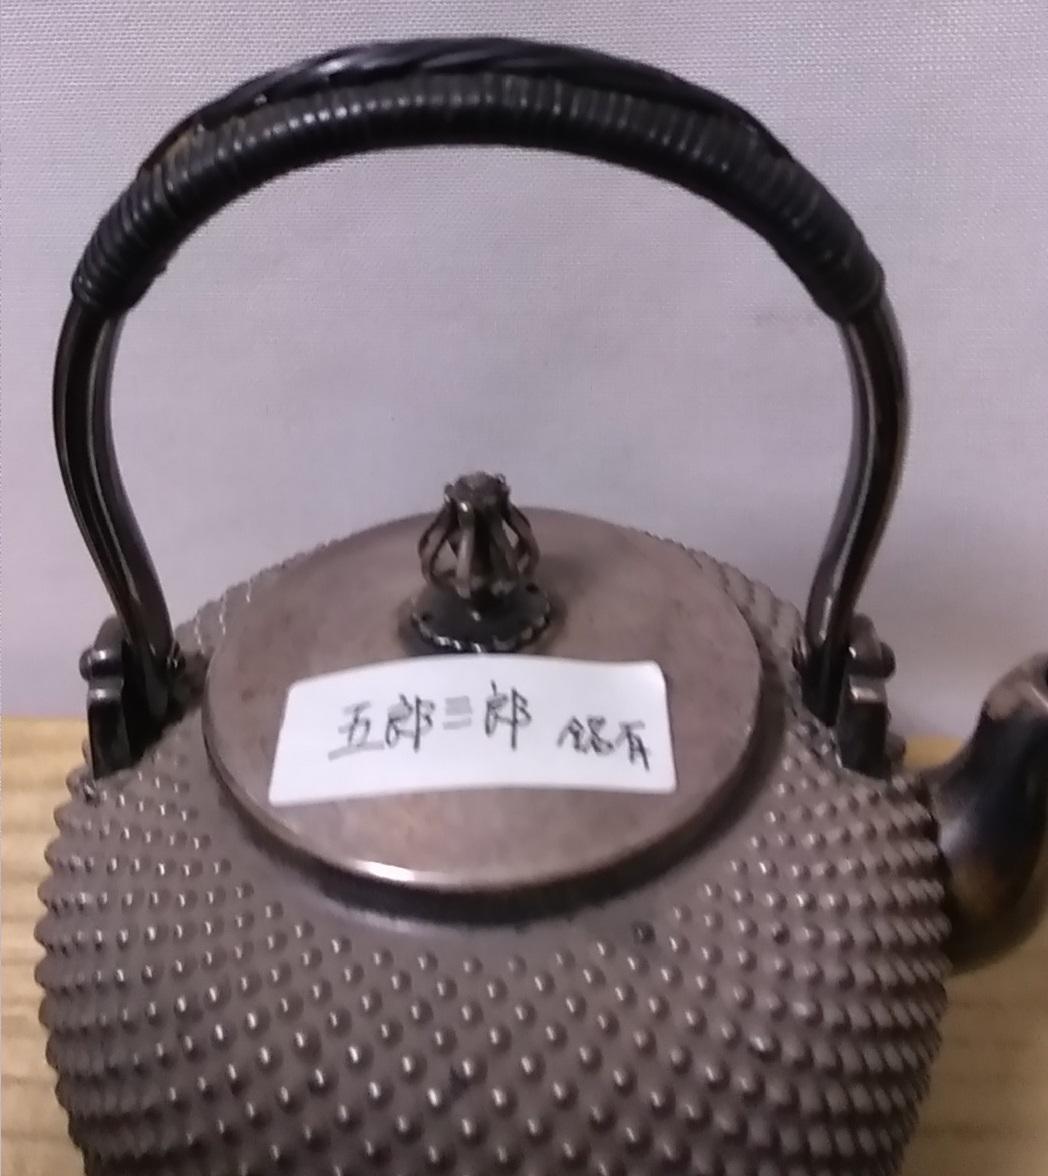 時代 五良三郎造 純銀 玉霰 花蕾式摘蓋 銀瓶 湯沸 在印 246g 蔵出し品 煎茶道具_画像4